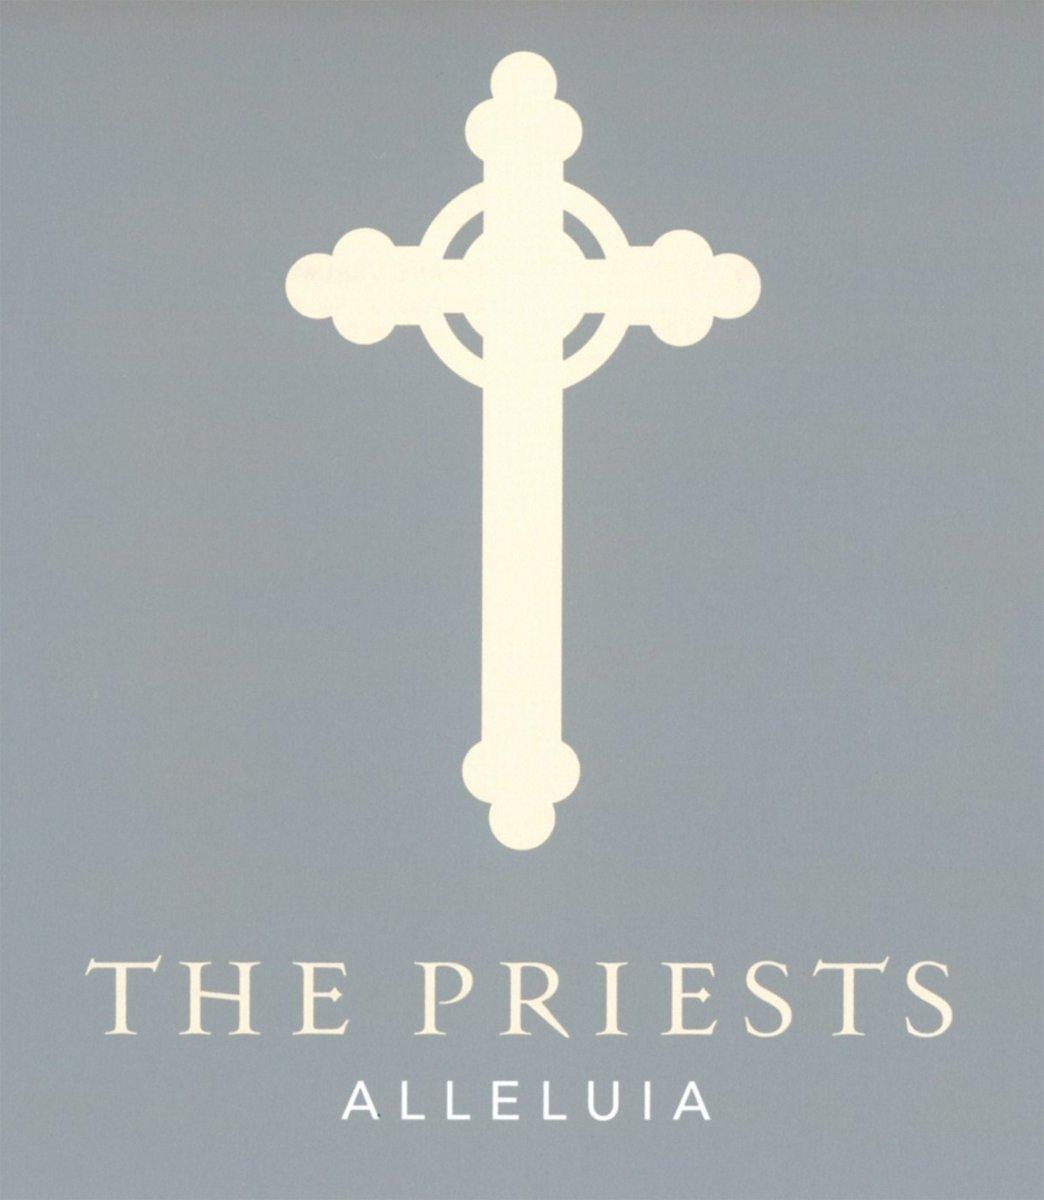 alleluia-priests.jpg